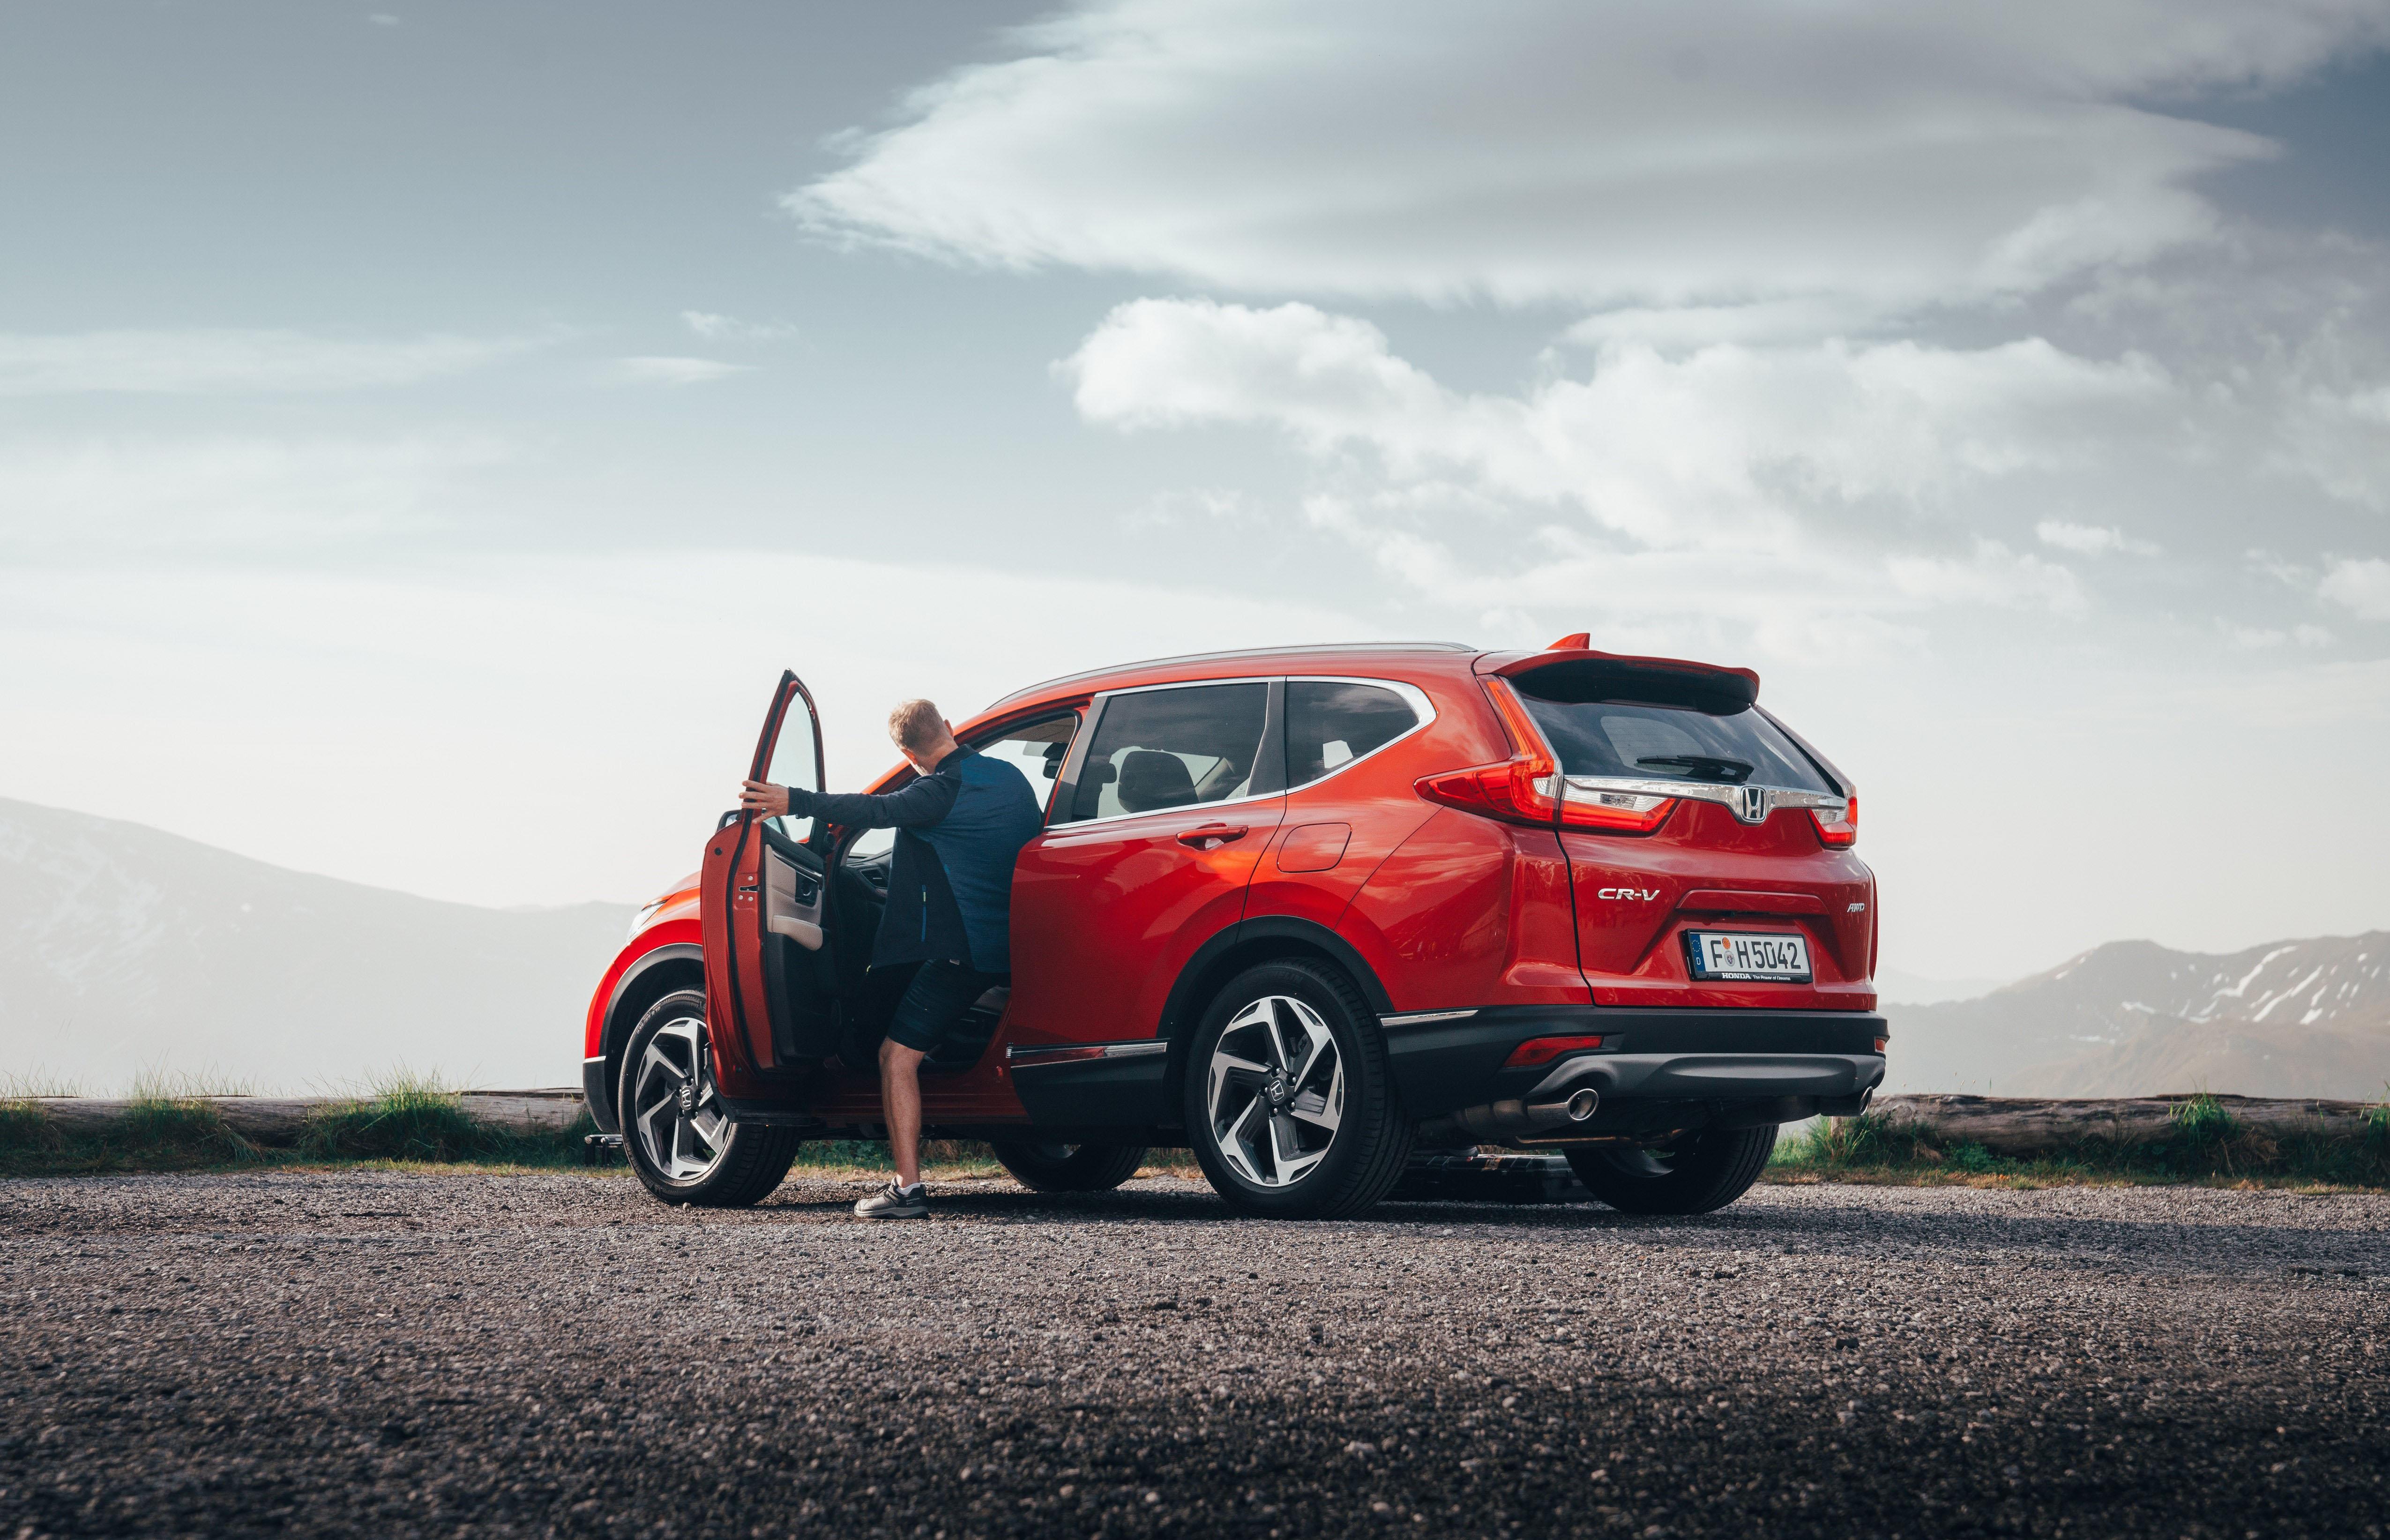 Honda Cr V 2018 Europe >> 五代 Honda CR-V Hybrid 即将登陆欧洲市场,取代柴油版 2018 Honda CR-V VTEC TURBO Petrol - Paul Tan 汽车资讯网